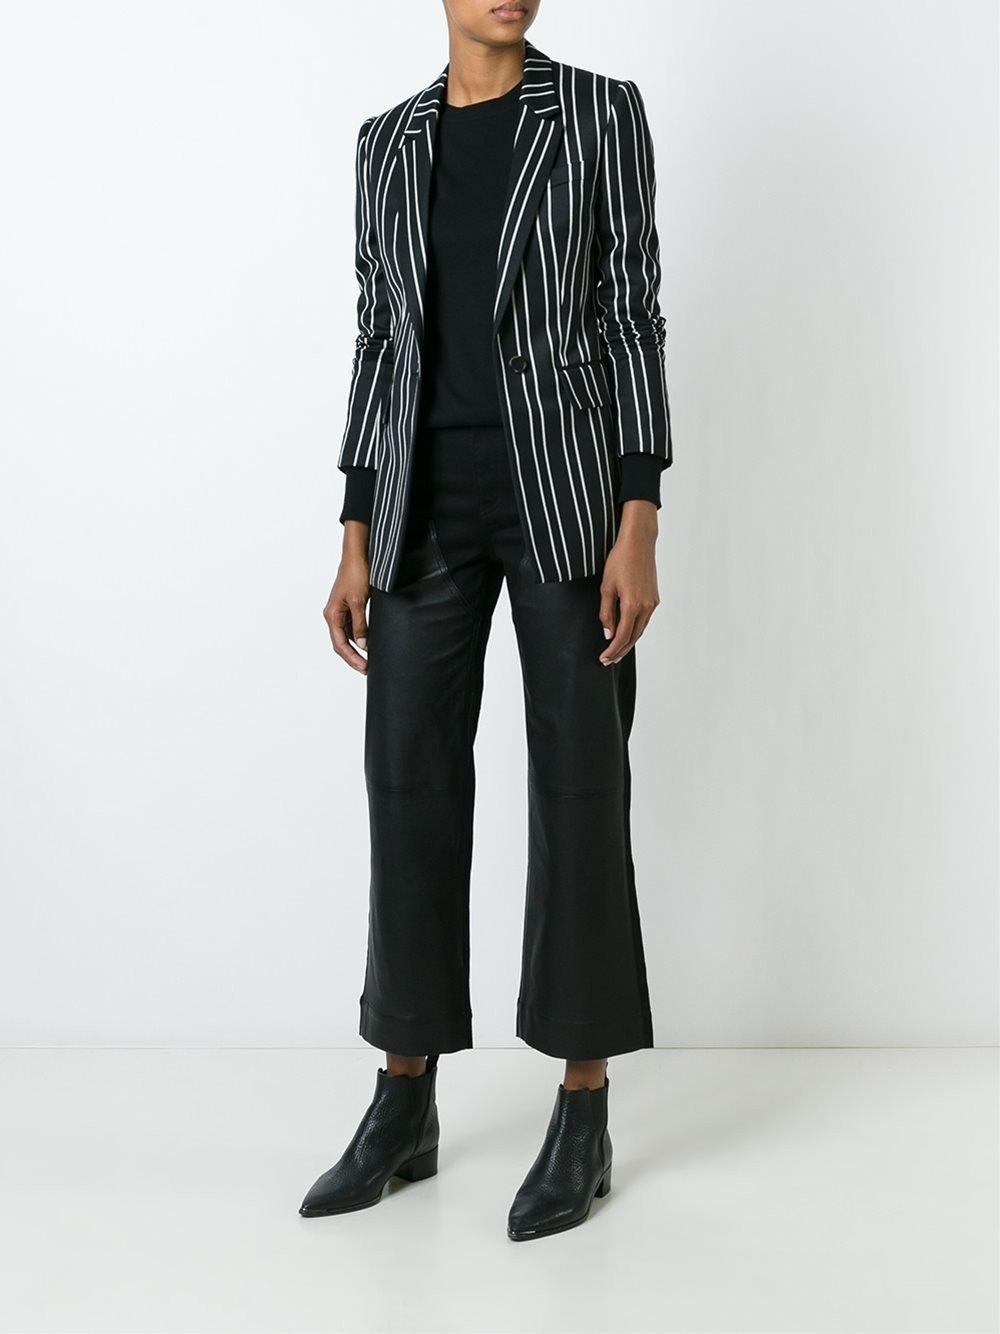 Модные женские брюки 2019: тенденции фото с показов осень-зима